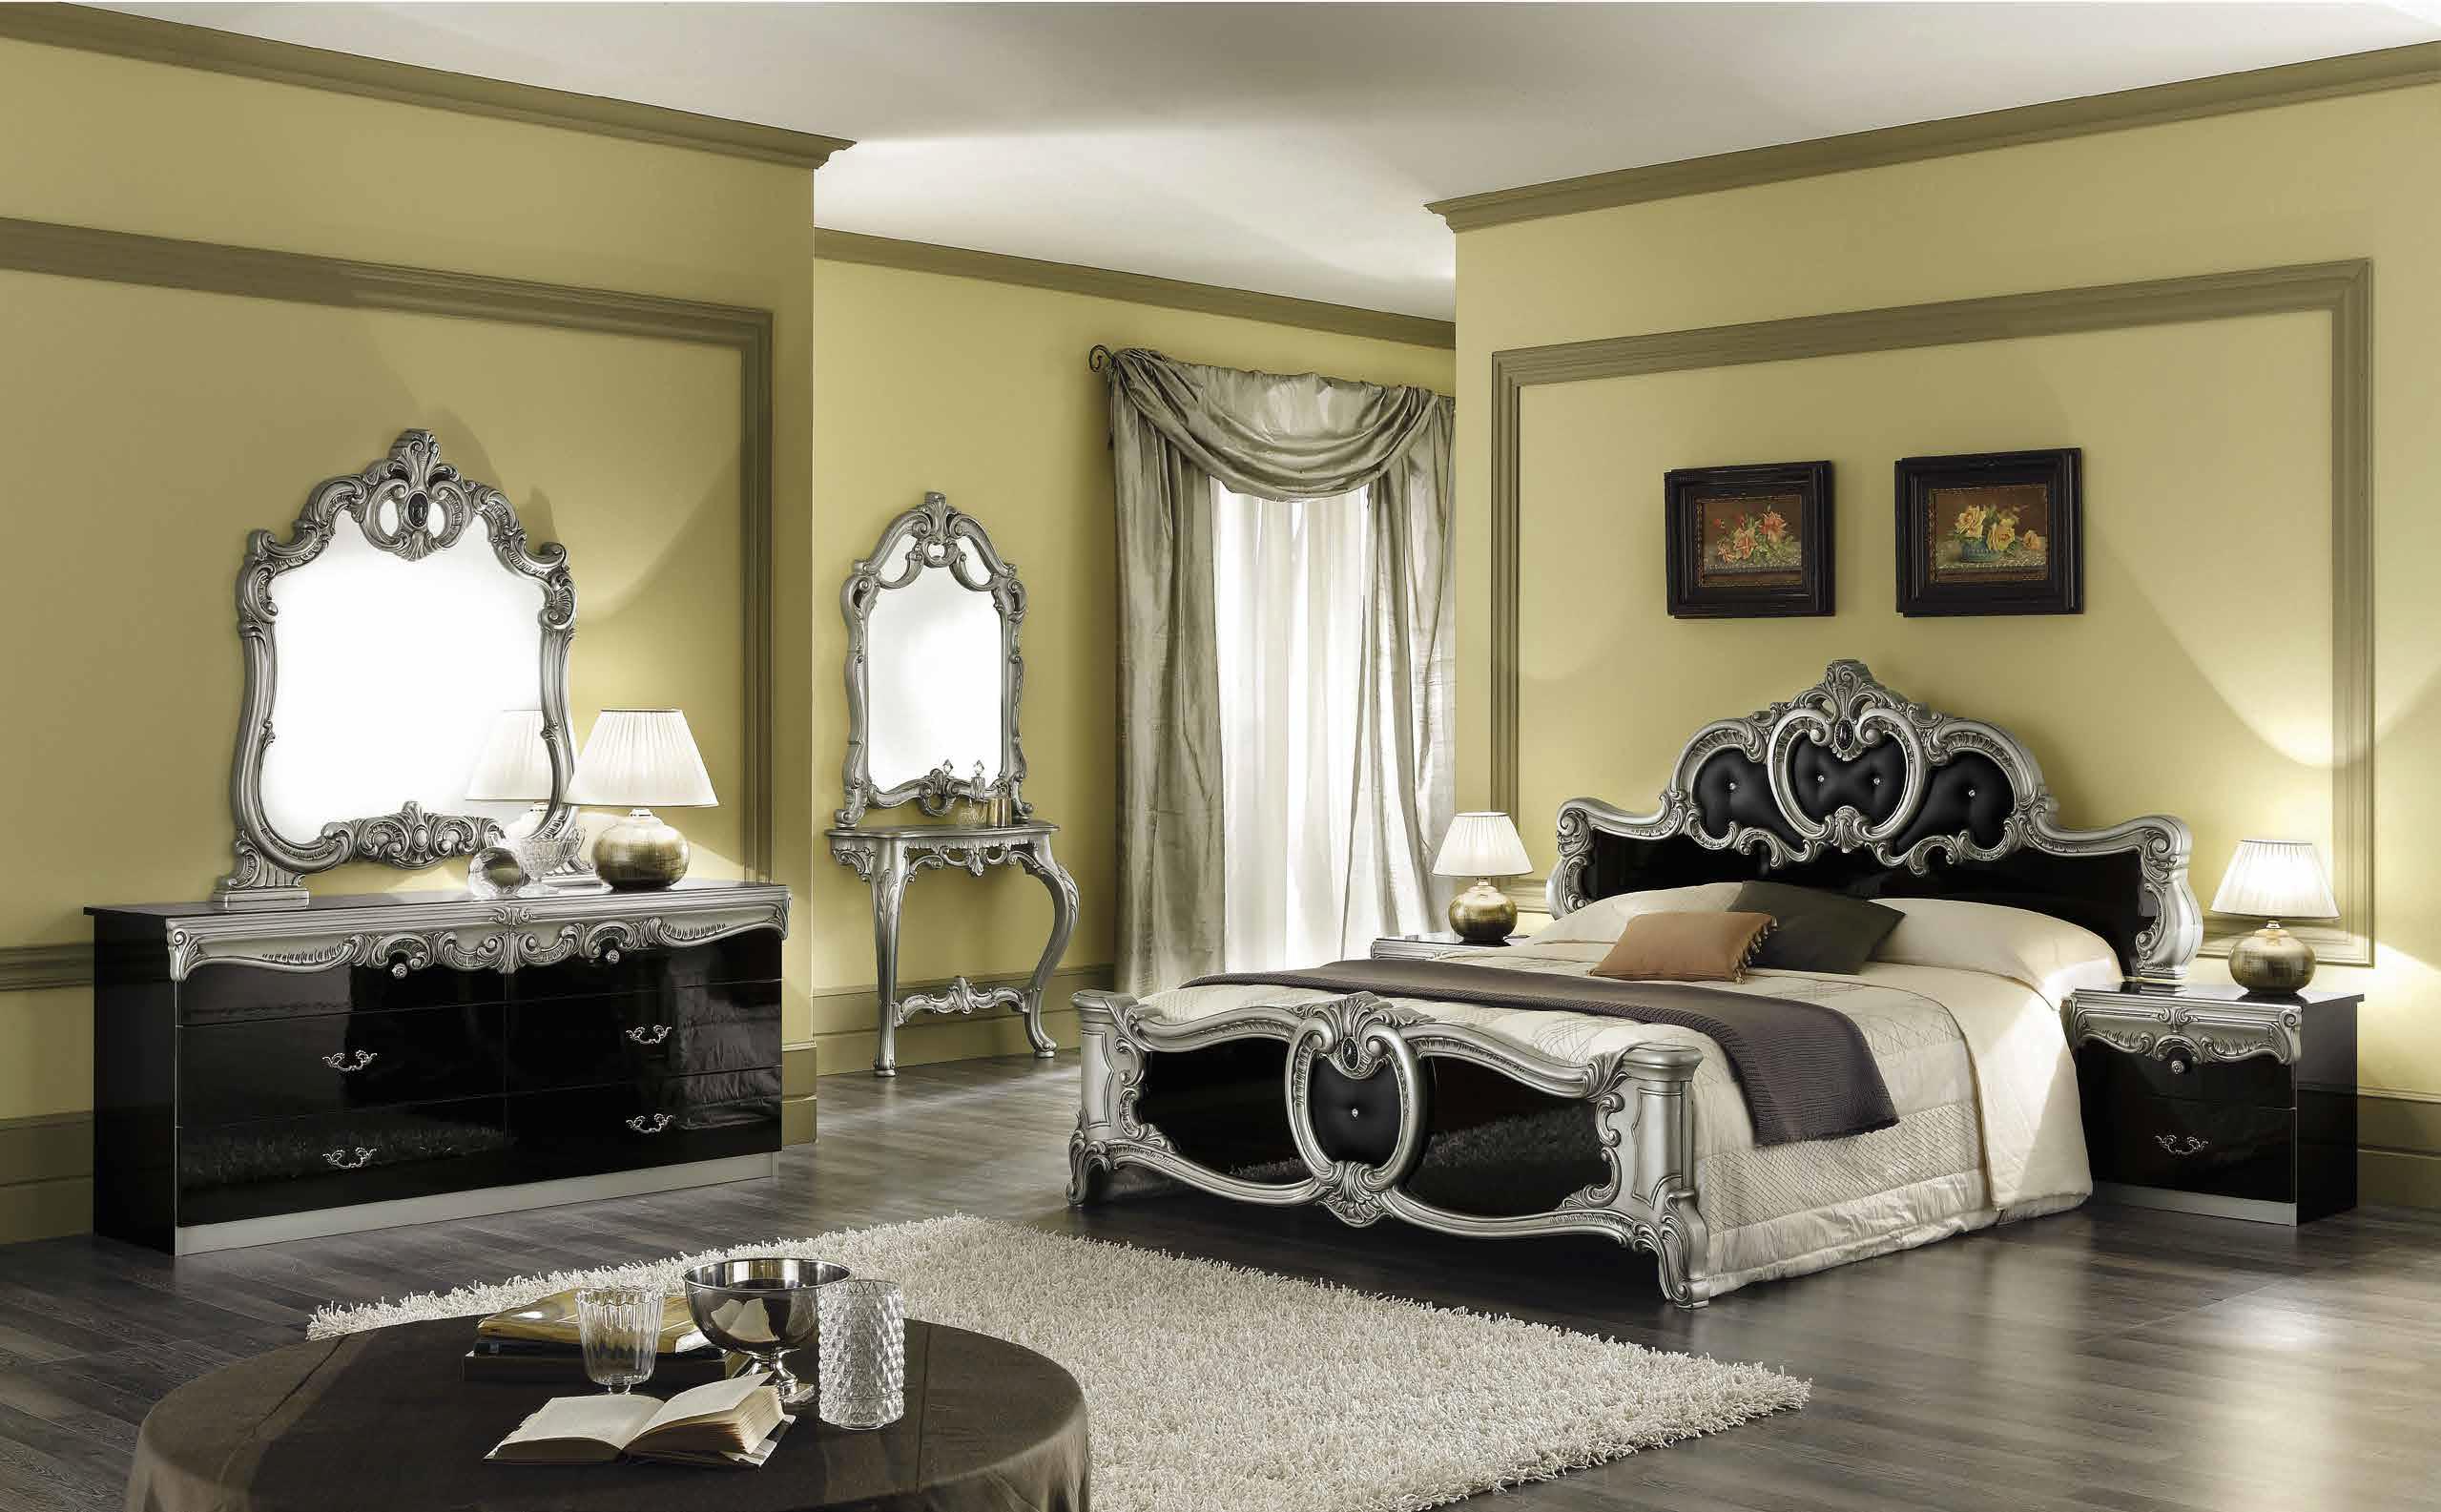 Schlafzimmer Schwarz Silber #19: Barocco Schwarz-Silber Schlafzimmer